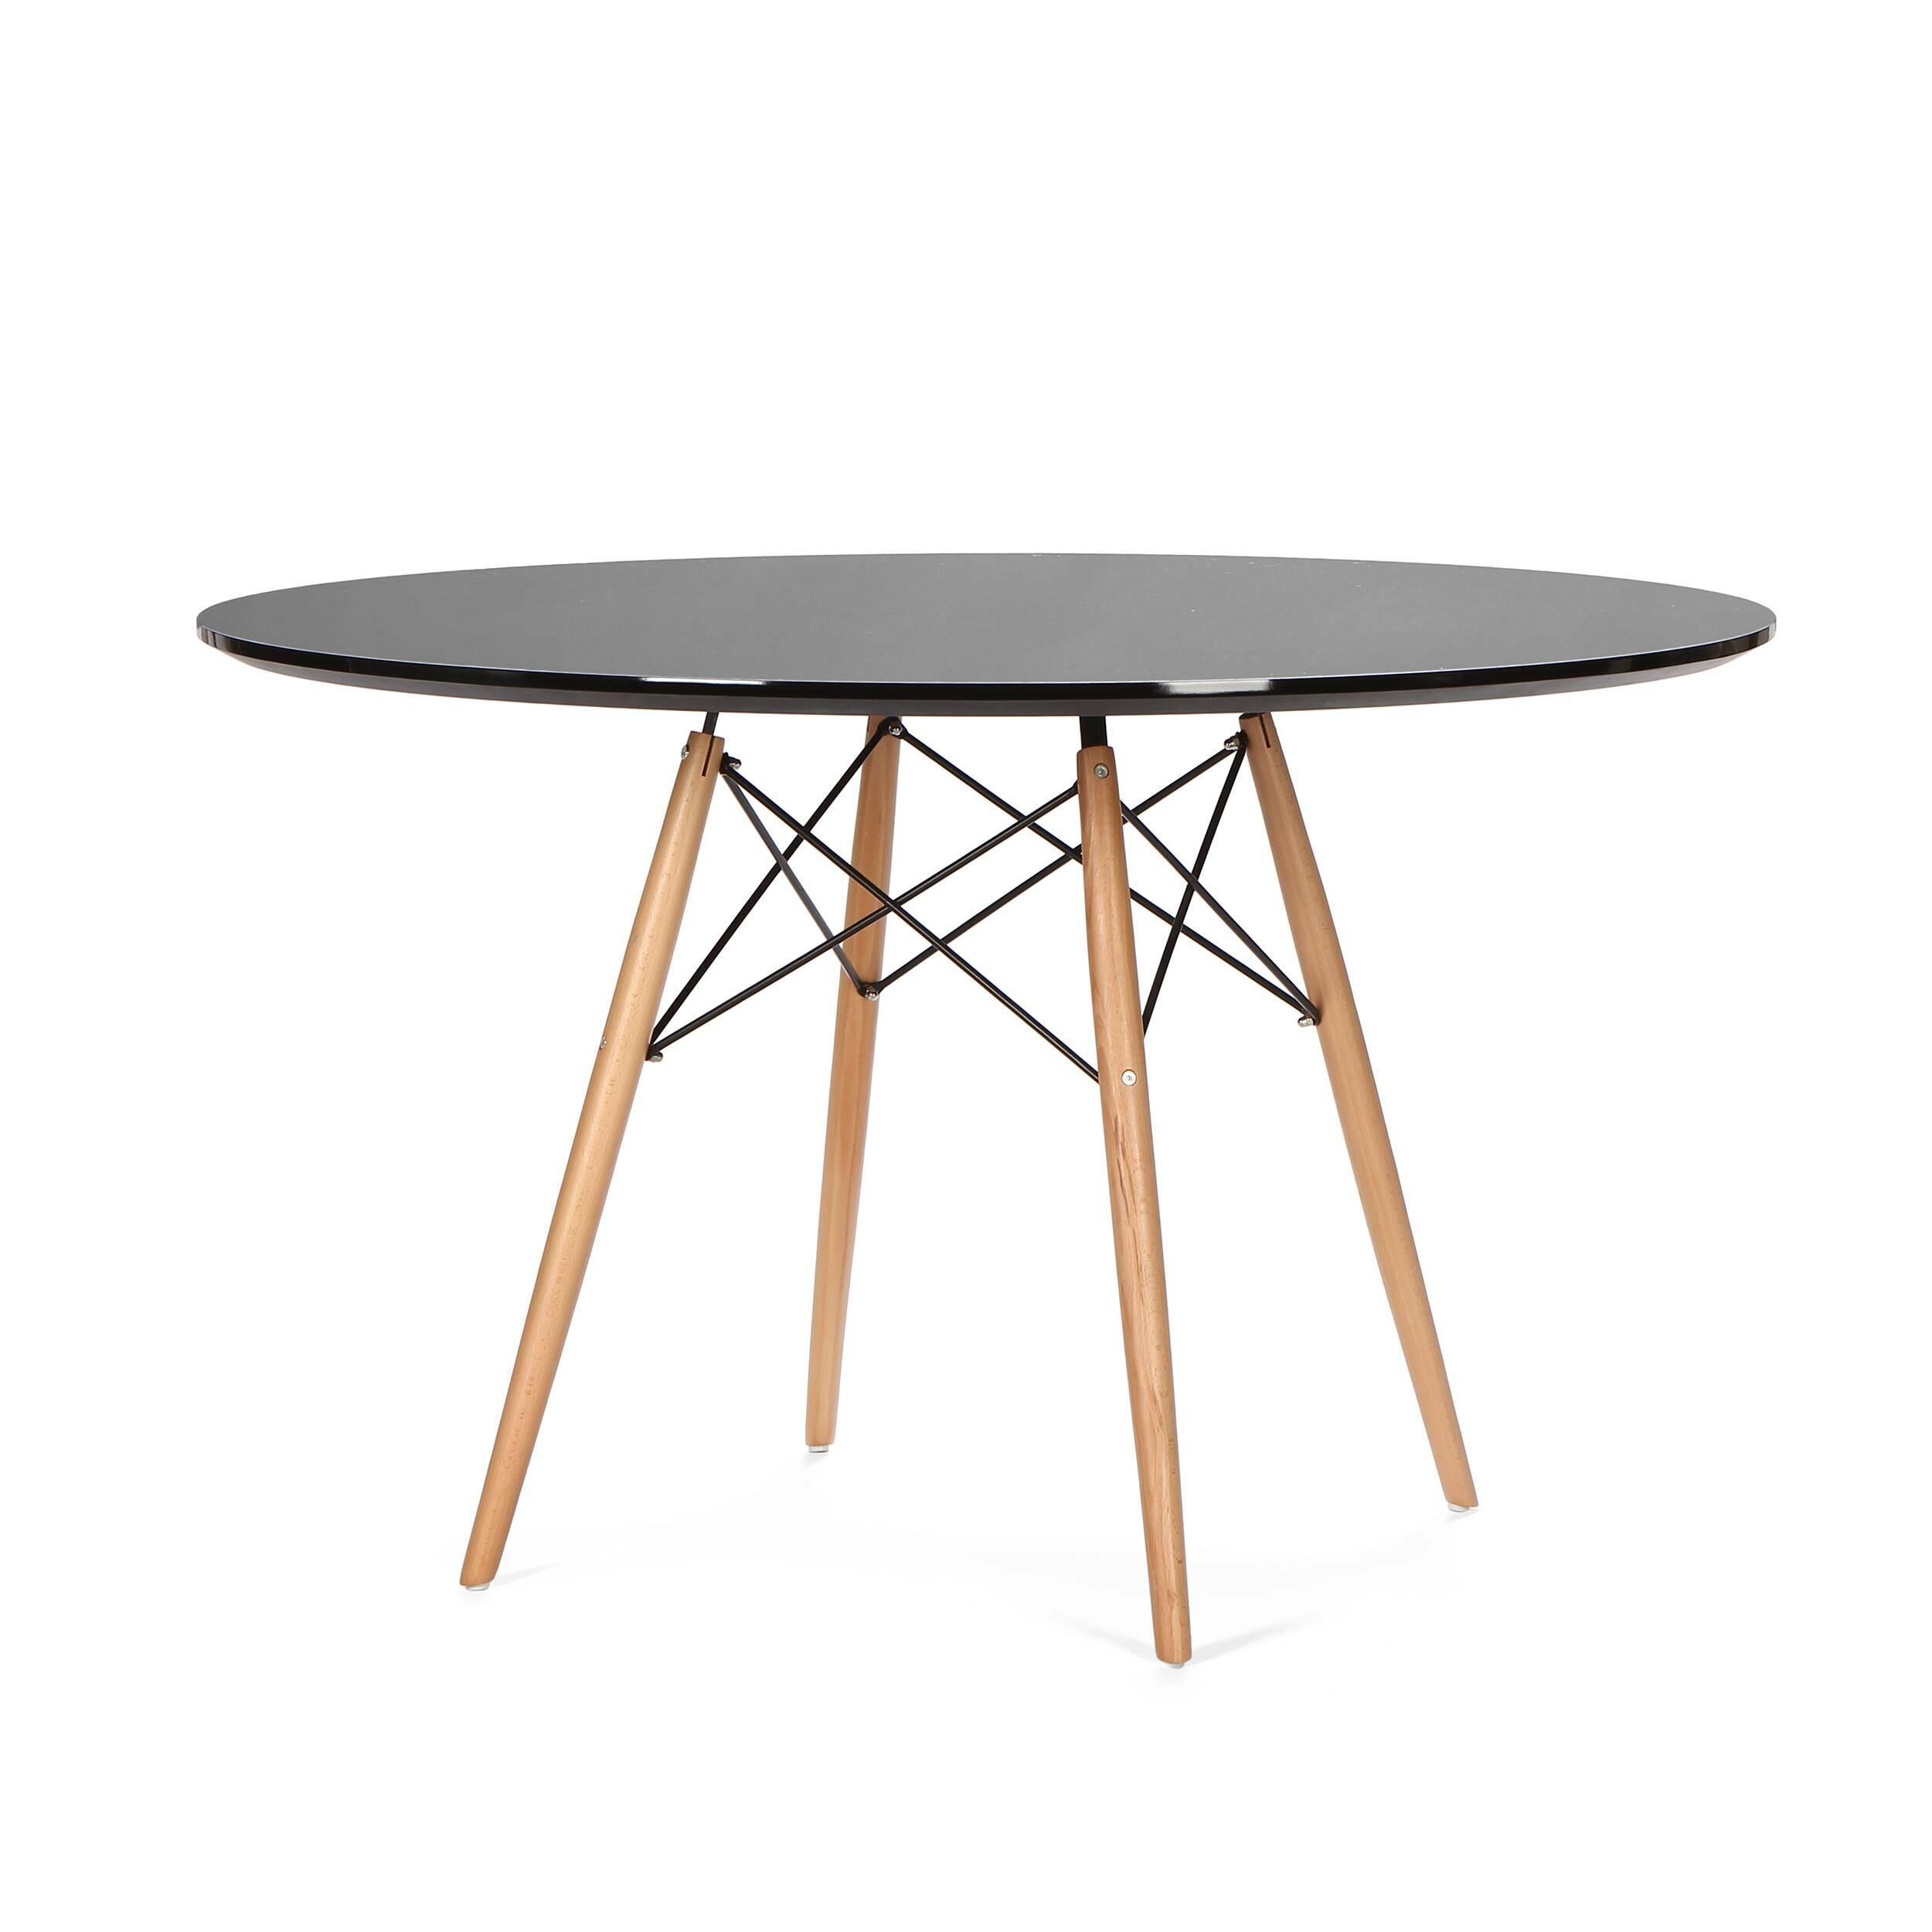 Обеденный стол Eiffel диаметр 120 обеденный стол molasses диаметр 100